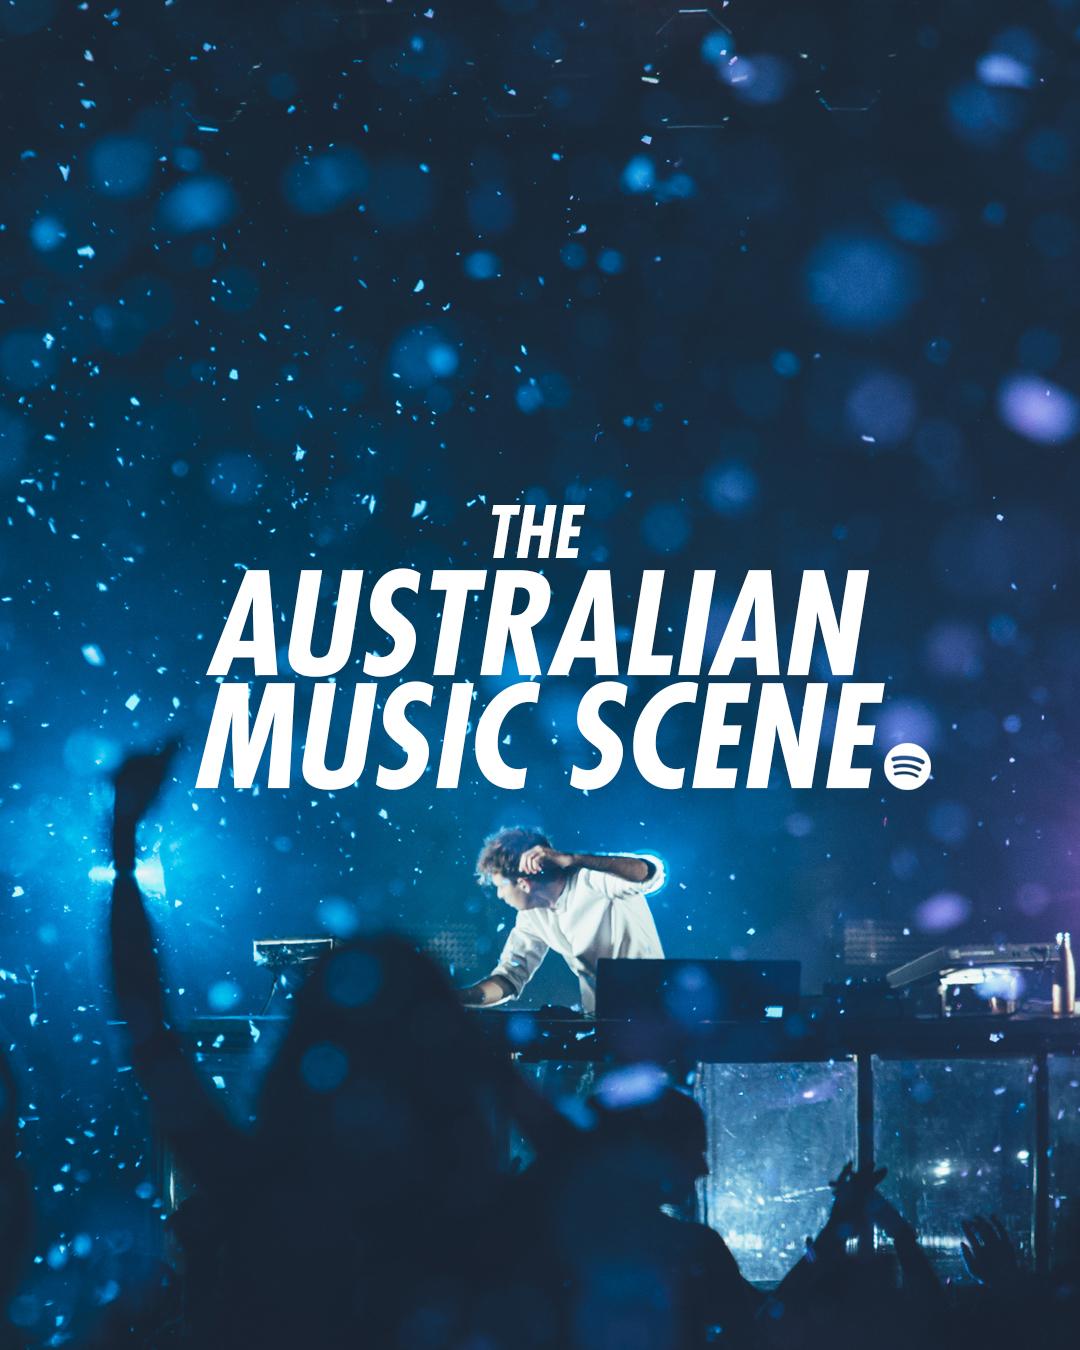 australianmusicscene.jpg